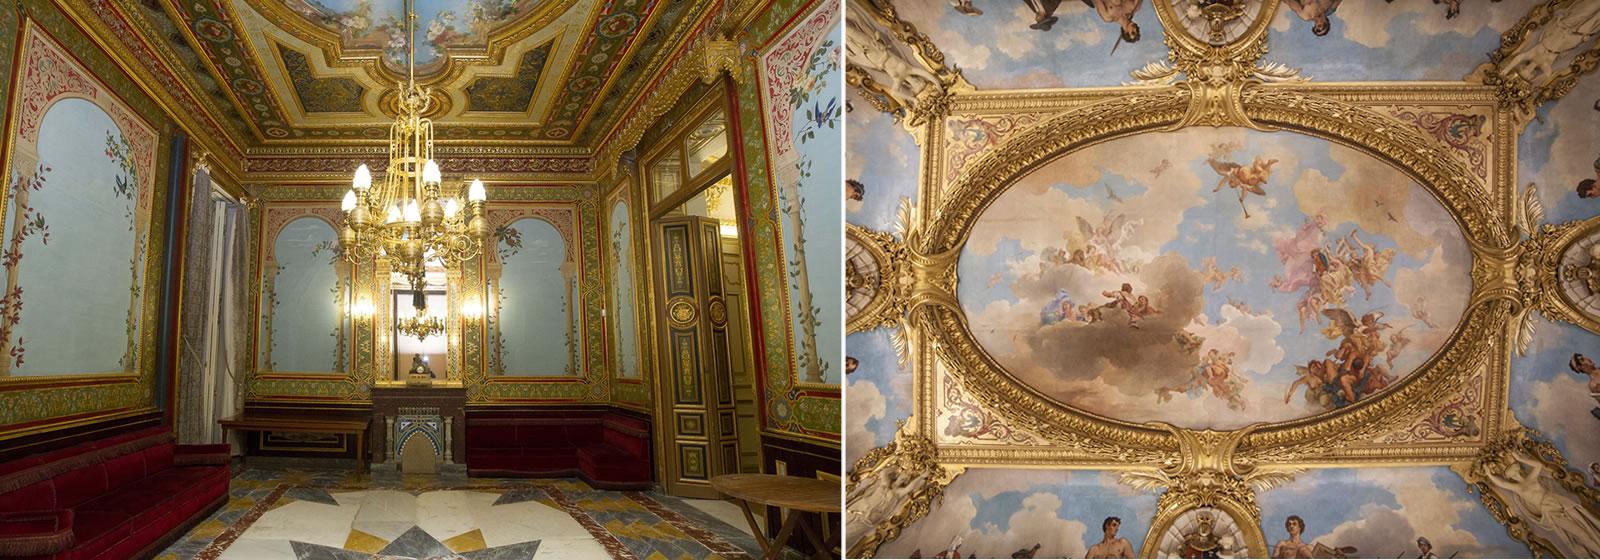 Vistas del interior del Palacio de Santoña, en concreto del salón y de su formifable techo con murales pintados.